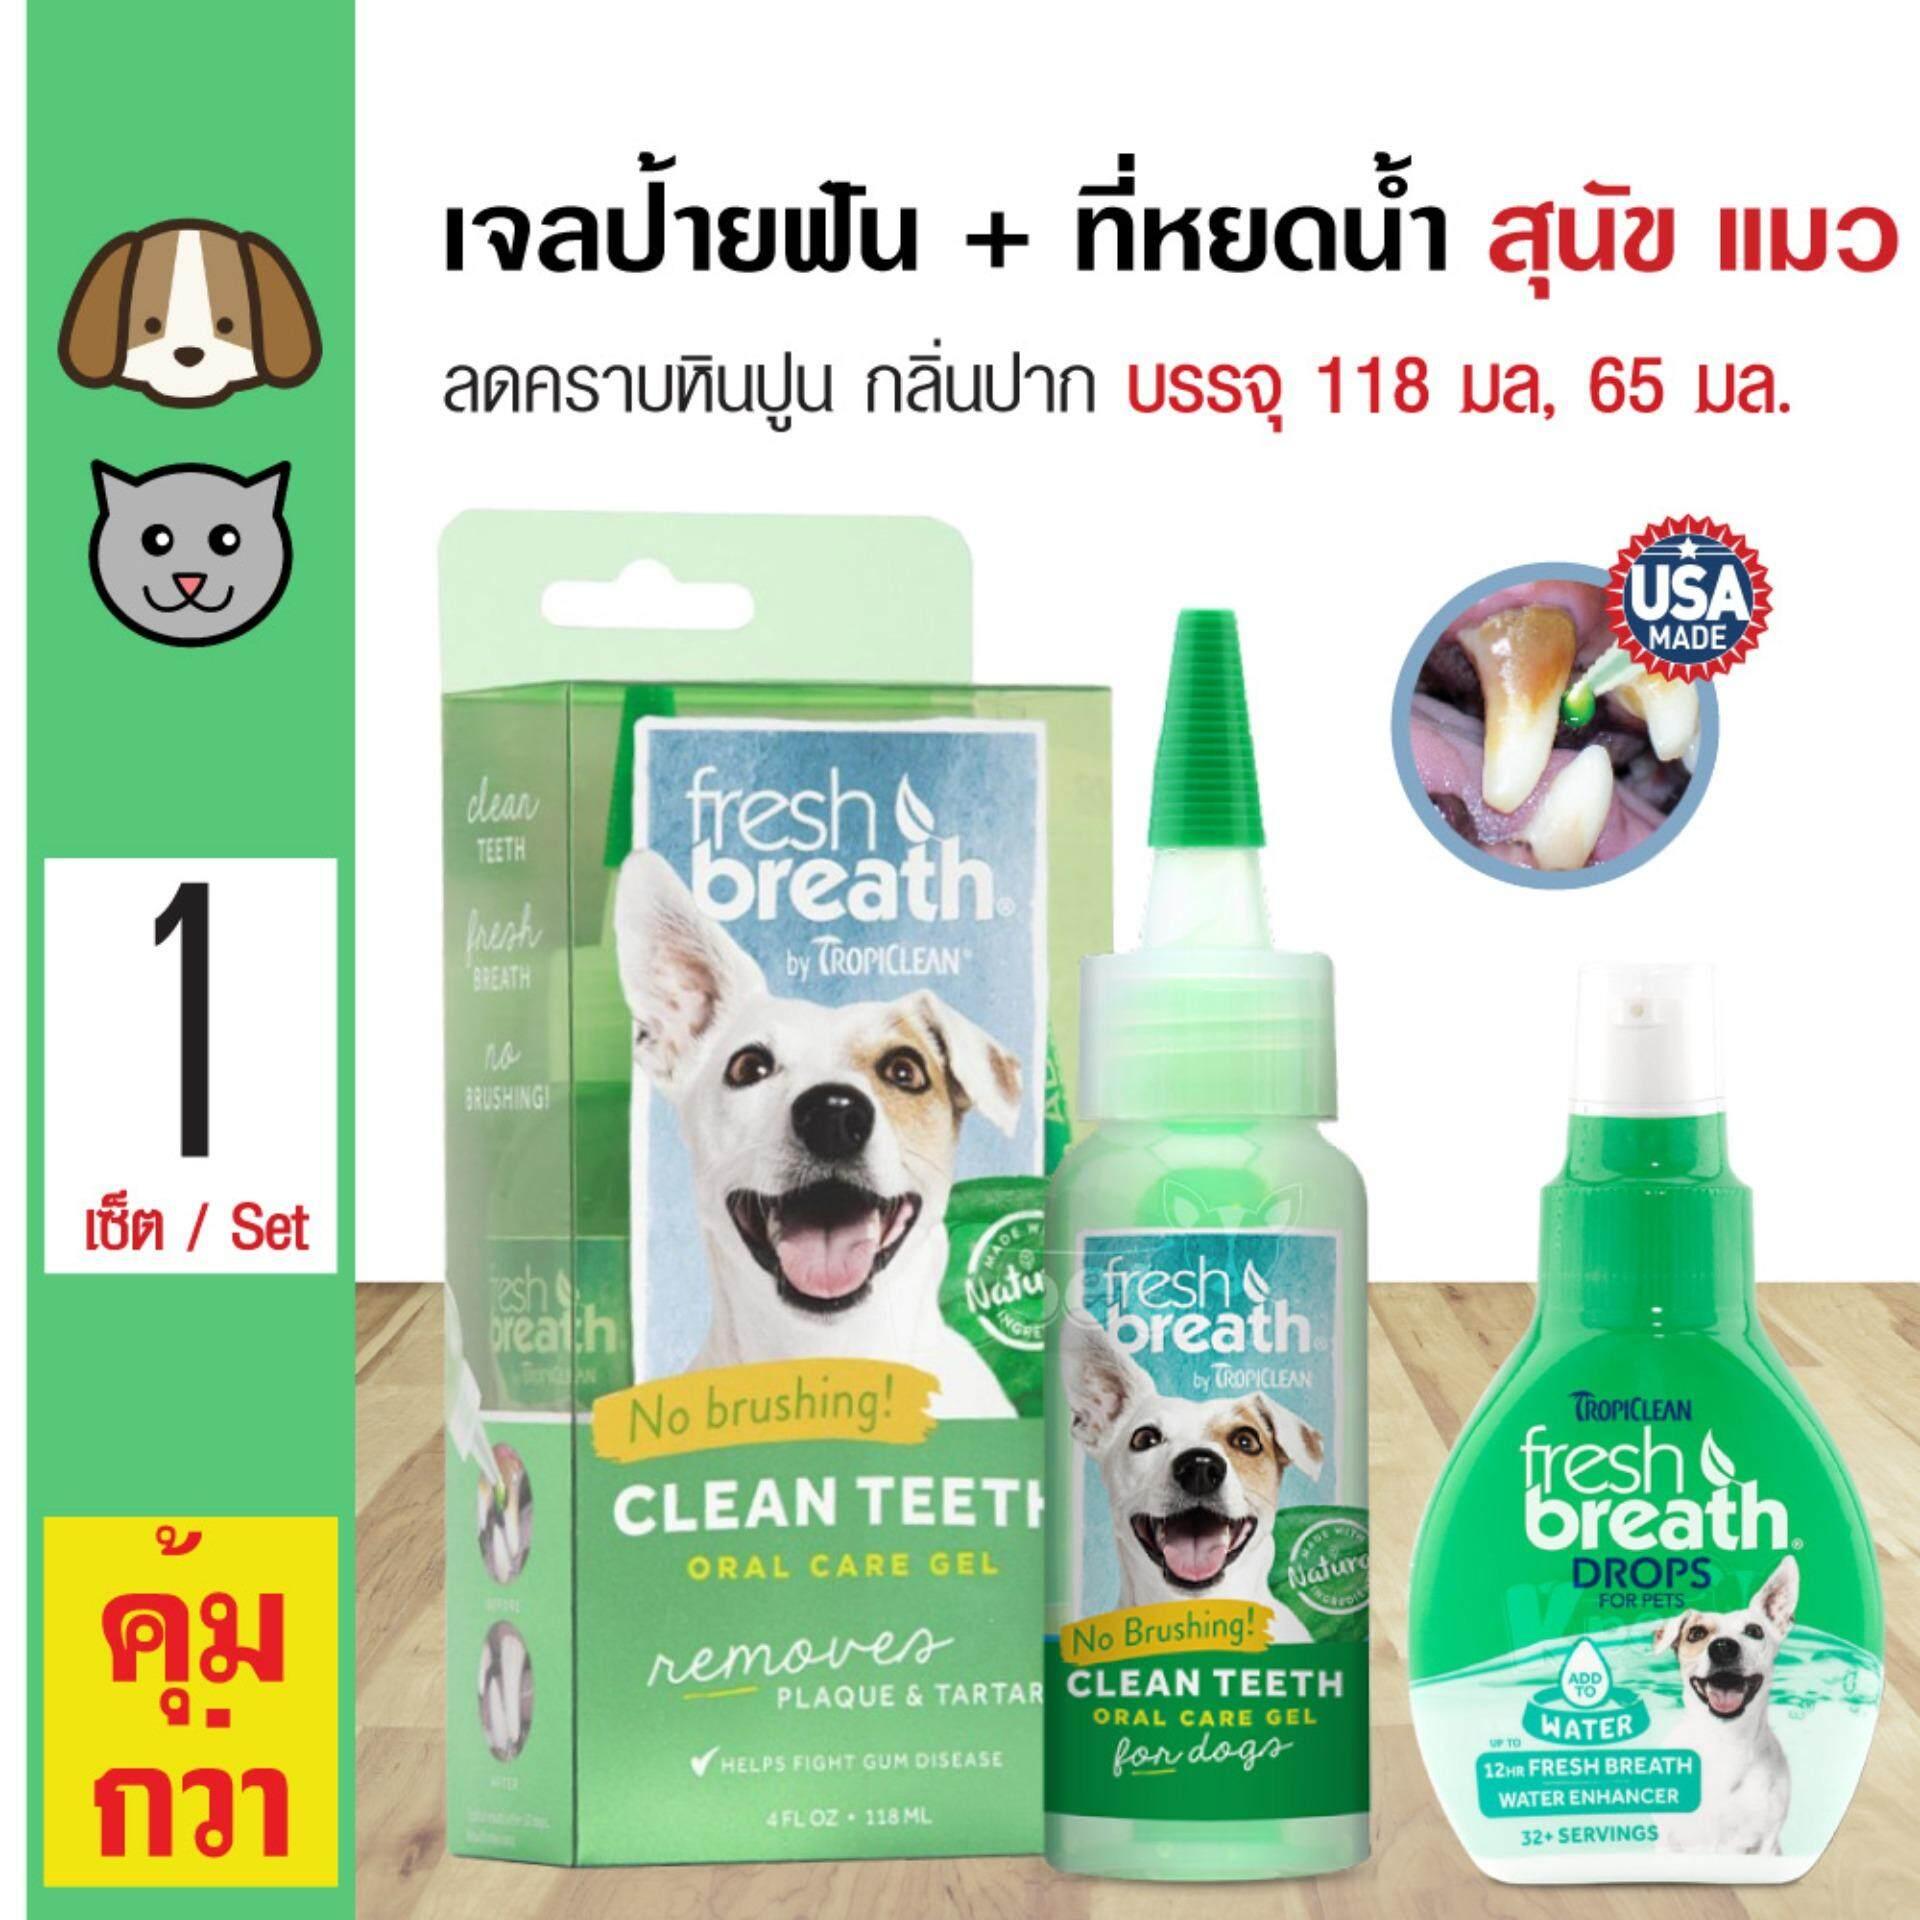 Tropiclean เจลป้ายฟันสุนัข (118 มล./ขวด) + Tropiclean ที่หยดน้ำ ลดคราบหินปูน ลดกลิ่นปาก สำหรับสุนัขและแมว (65 มล./ขวด) By Kpet.